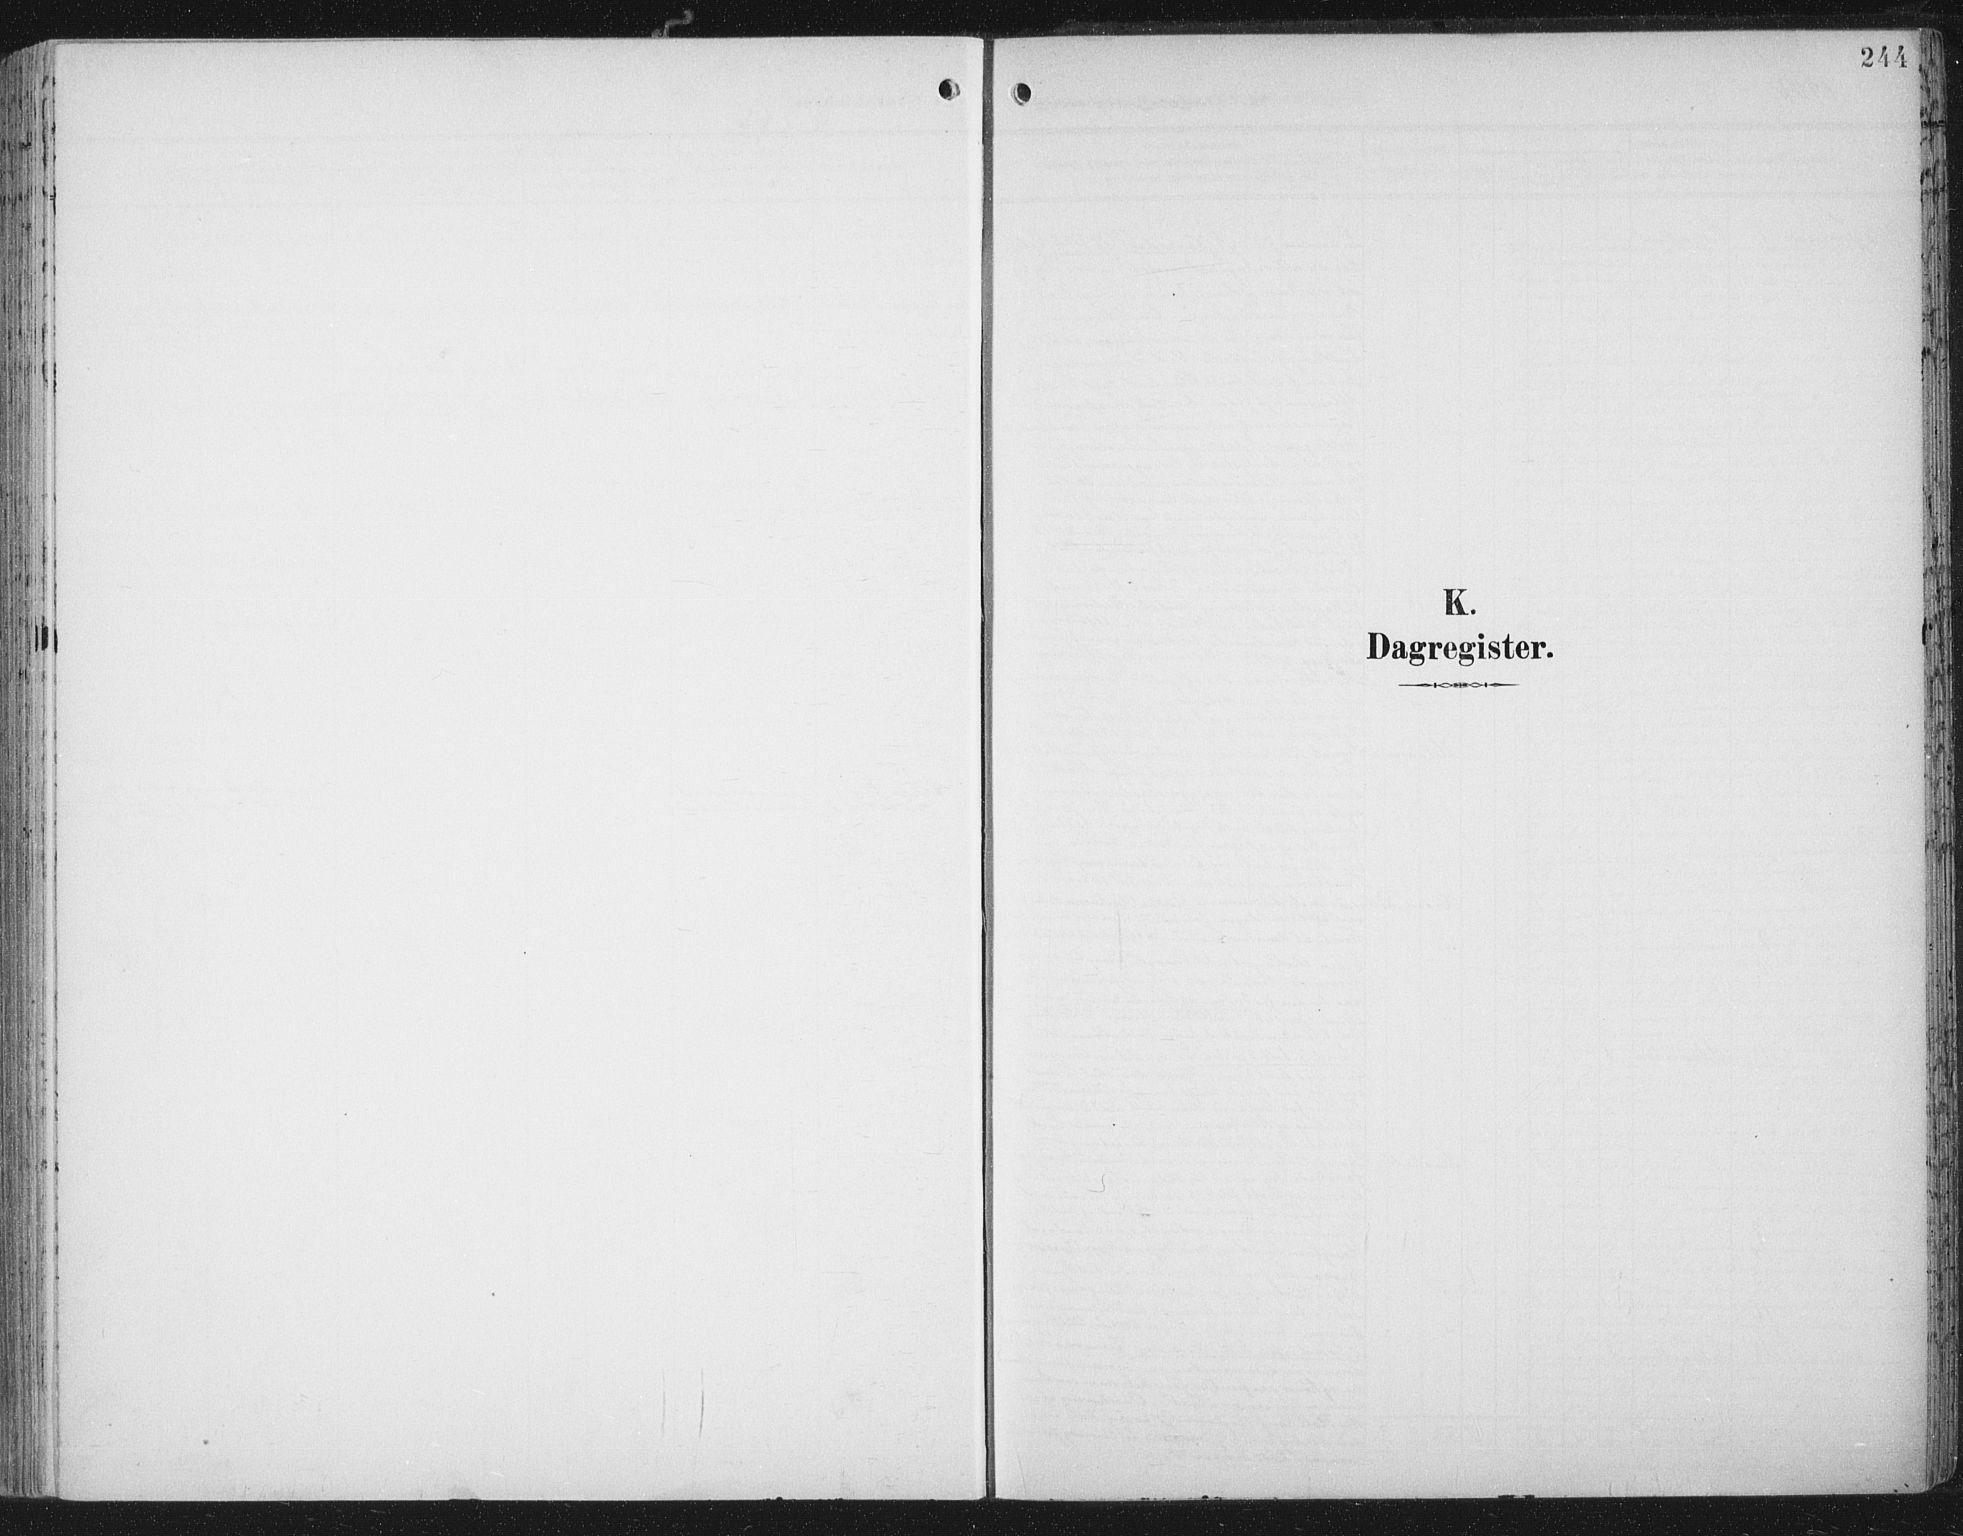 SAT, Ministerialprotokoller, klokkerbøker og fødselsregistre - Nord-Trøndelag, 701/L0011: Parish register (official) no. 701A11, 1899-1915, p. 244